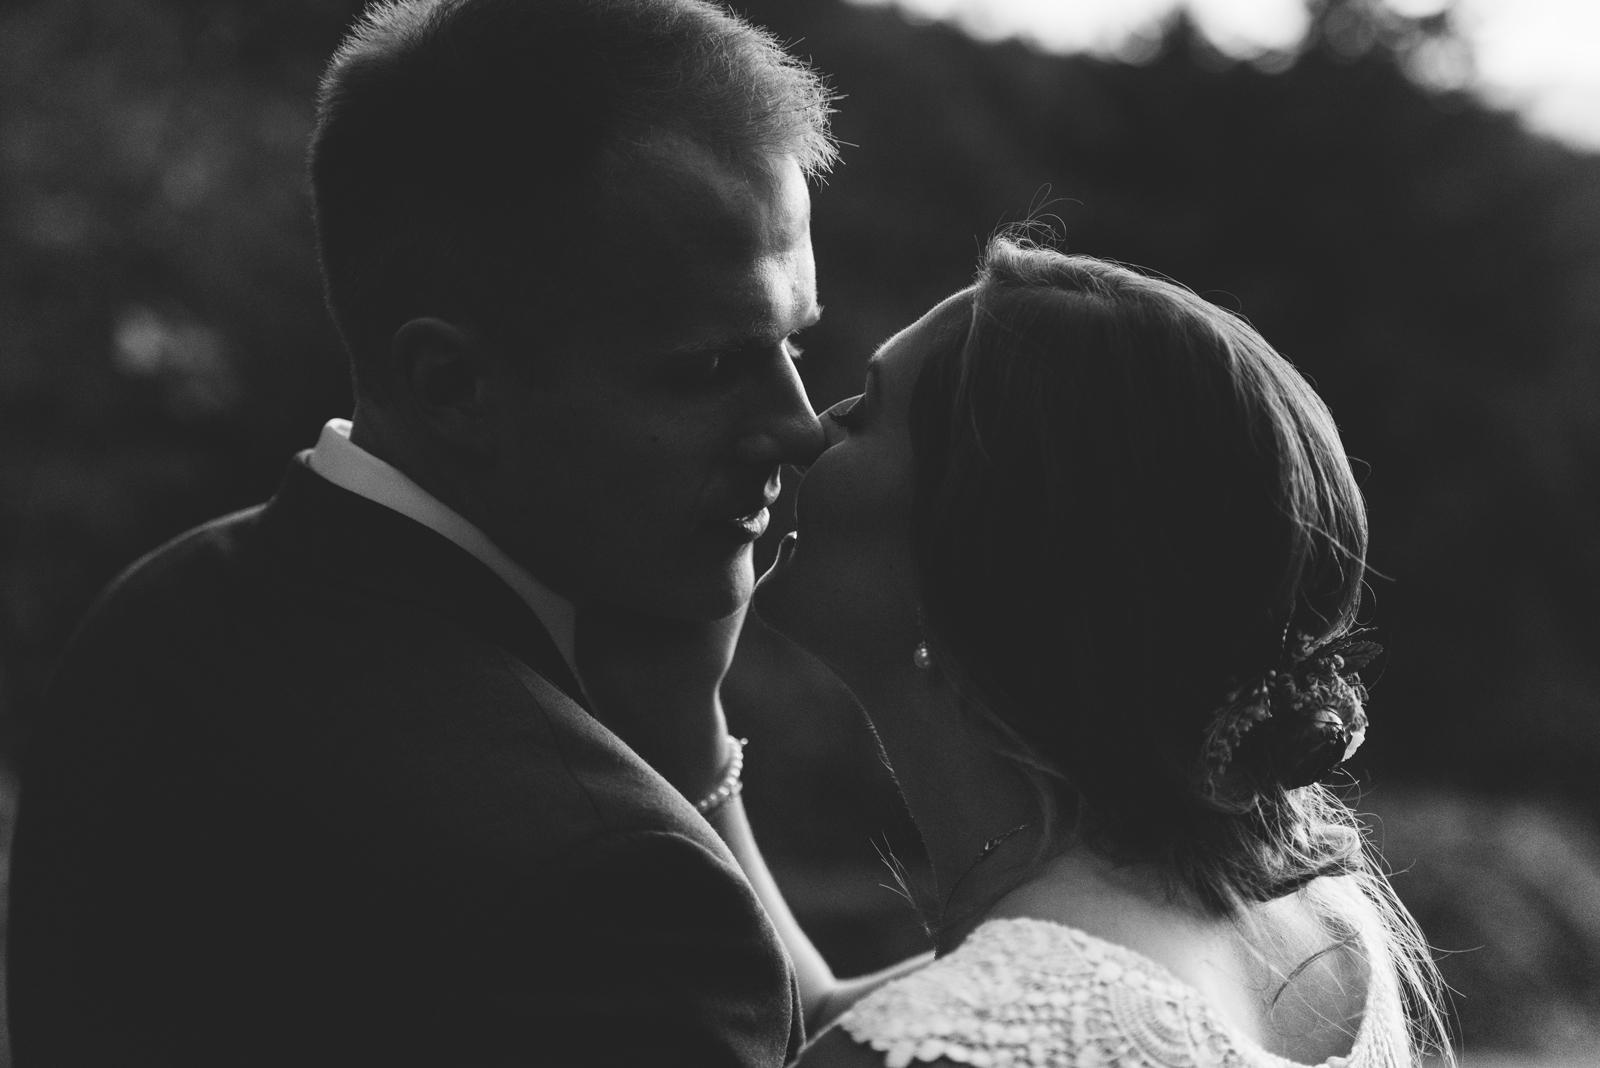 black and white kiss portrait